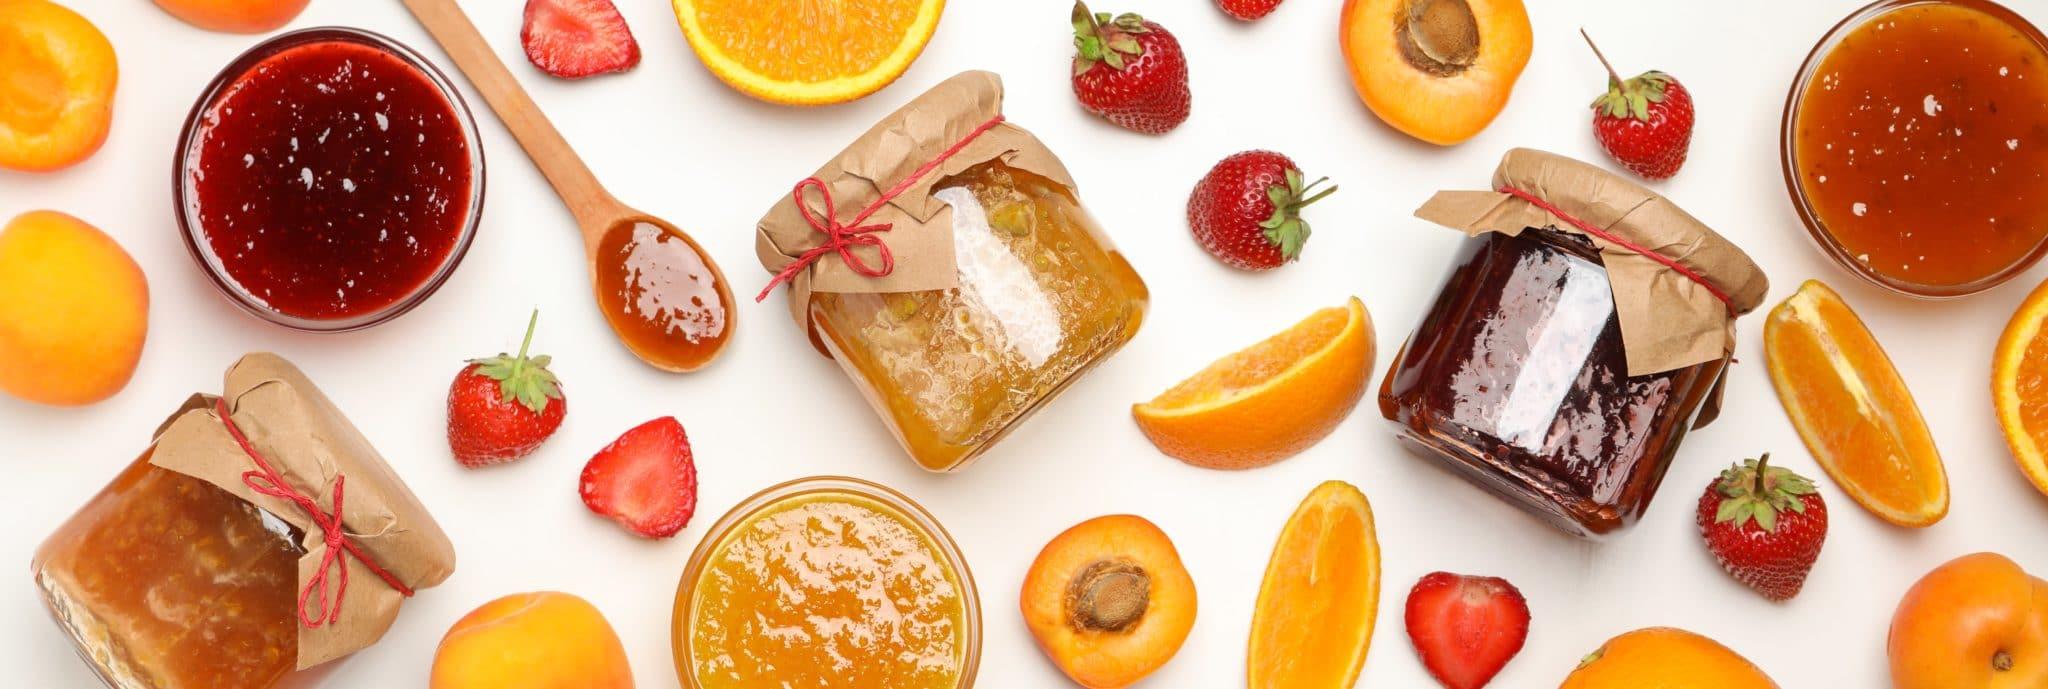 Productos Monodosis Para Desayunos